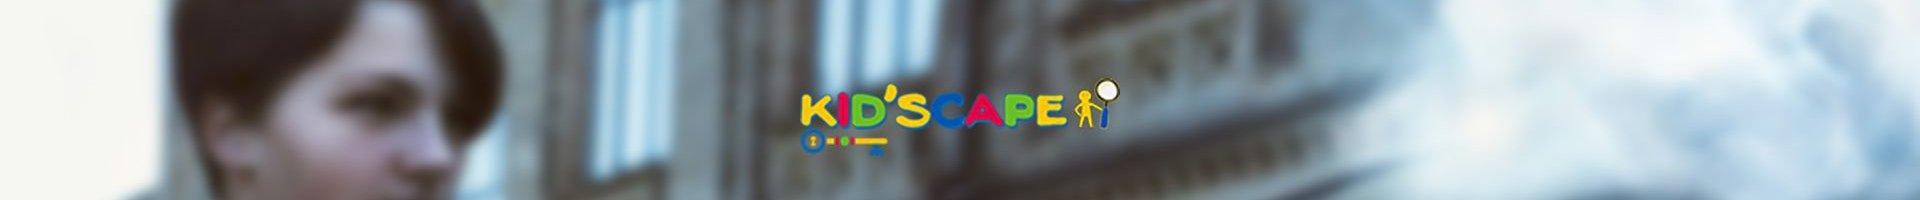 ecole des sorciers kidscape.jpg